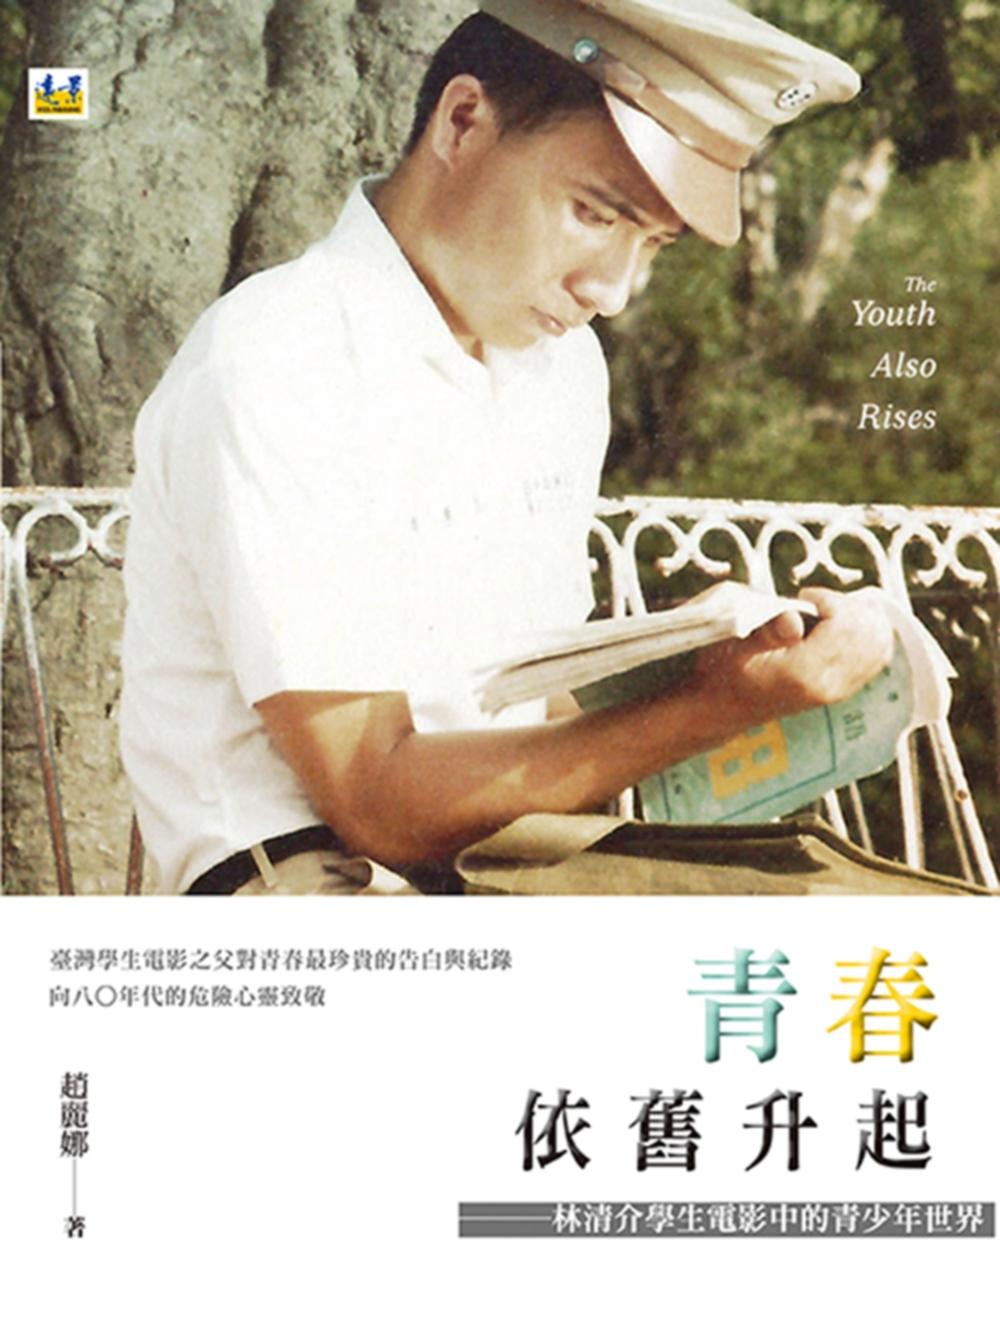 青春依舊升起:林清介學生電影中的青少年世界